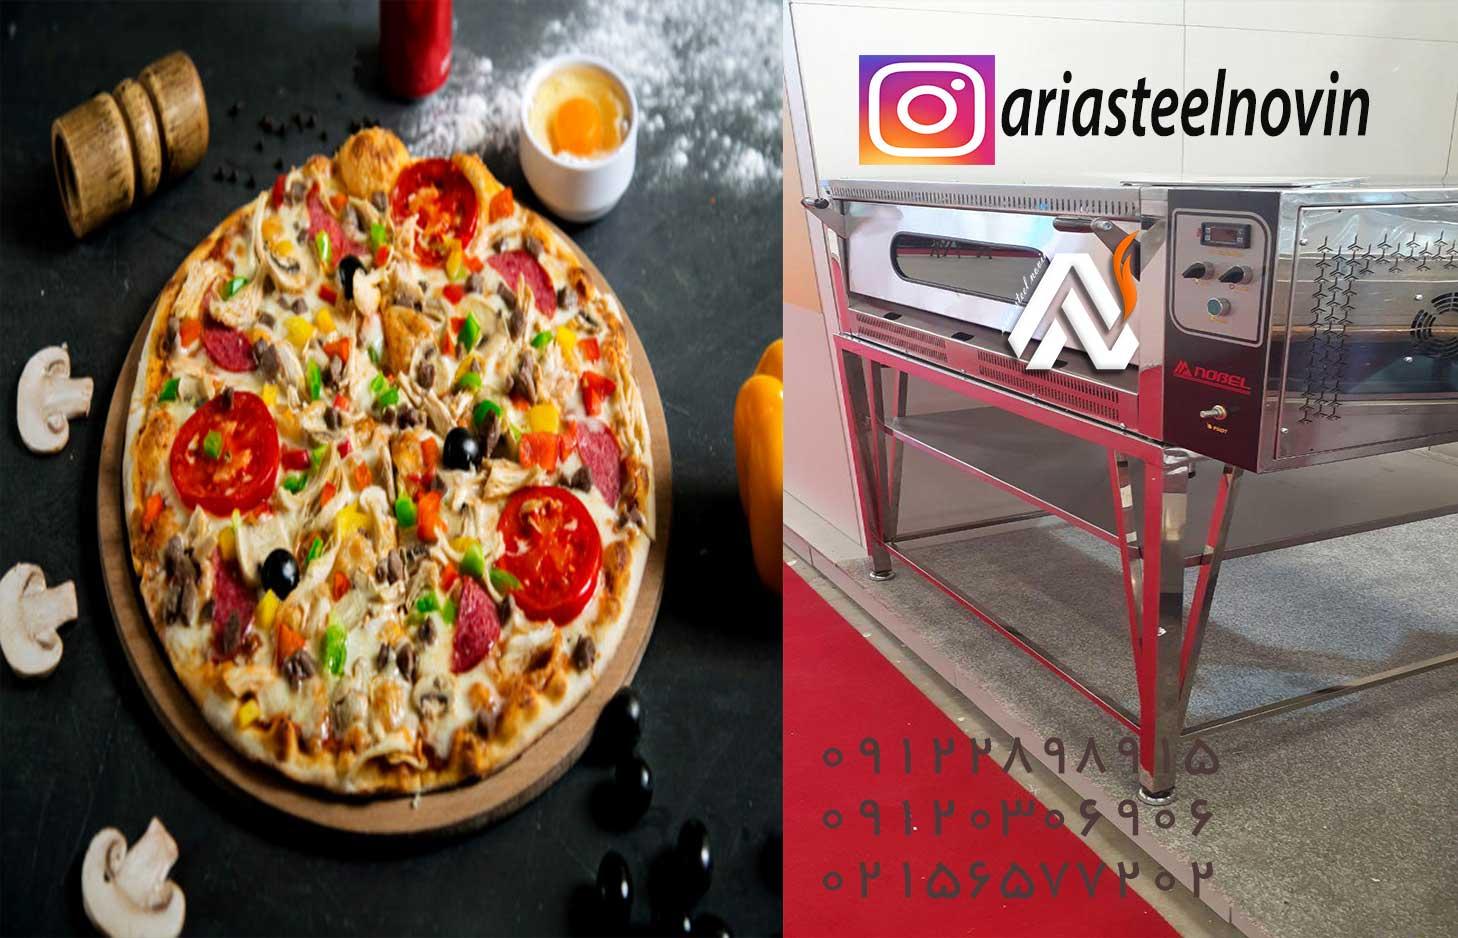 قیمت فر سنگی پیتزا در خرداد ماه سال 1400 دوازده میلیون و پانصد هزار تومان میباشد